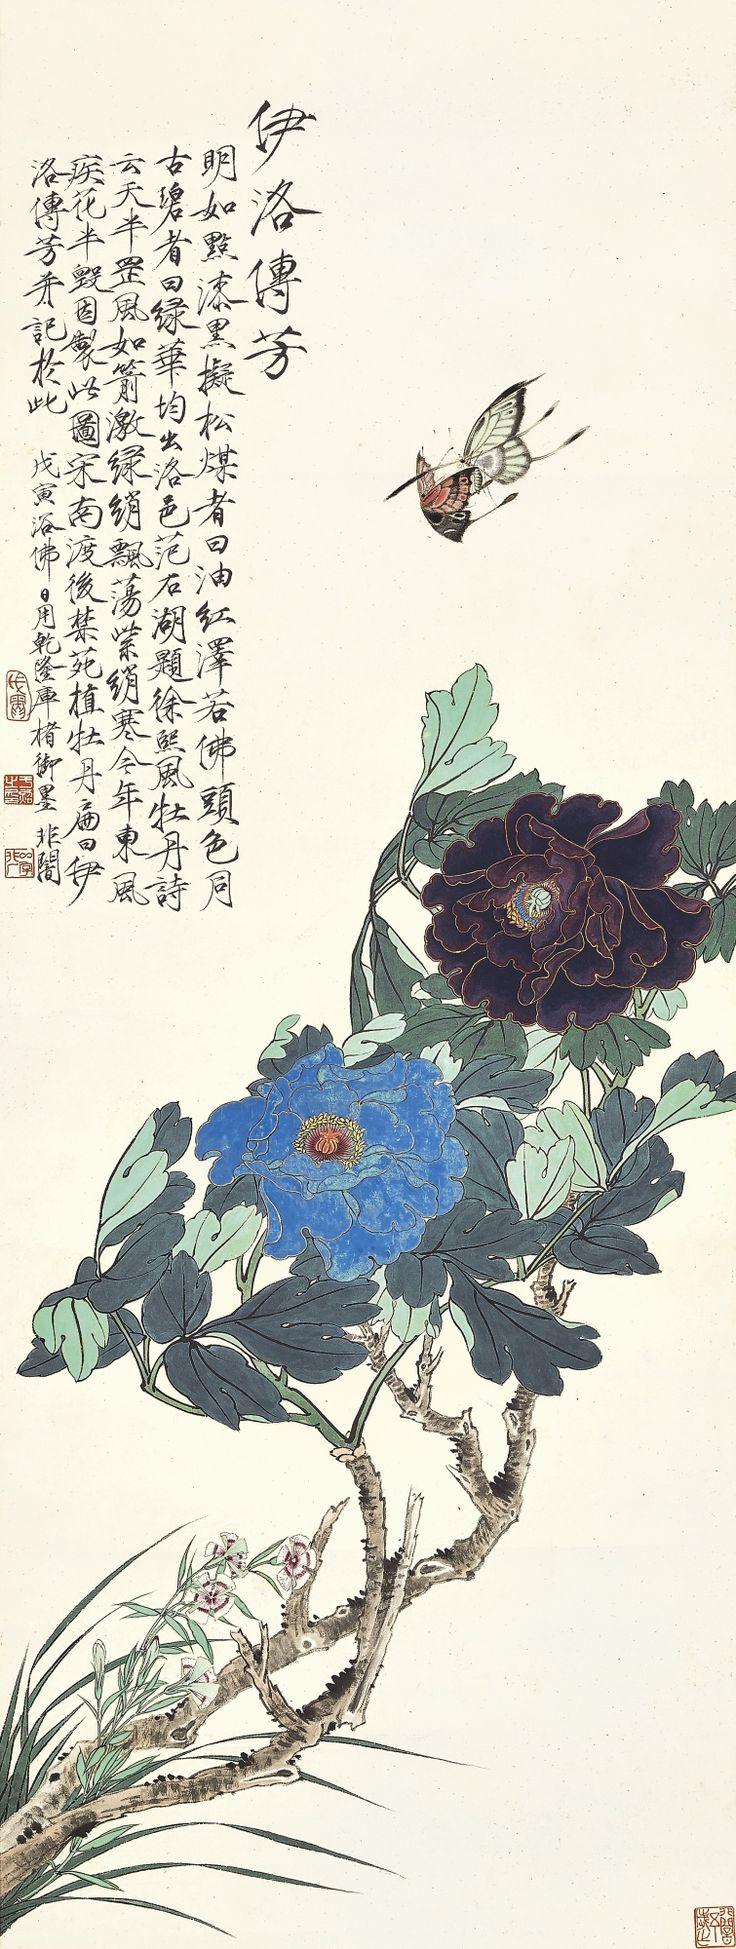 Yu Fei'an (1889-1959): Imperial Peonies